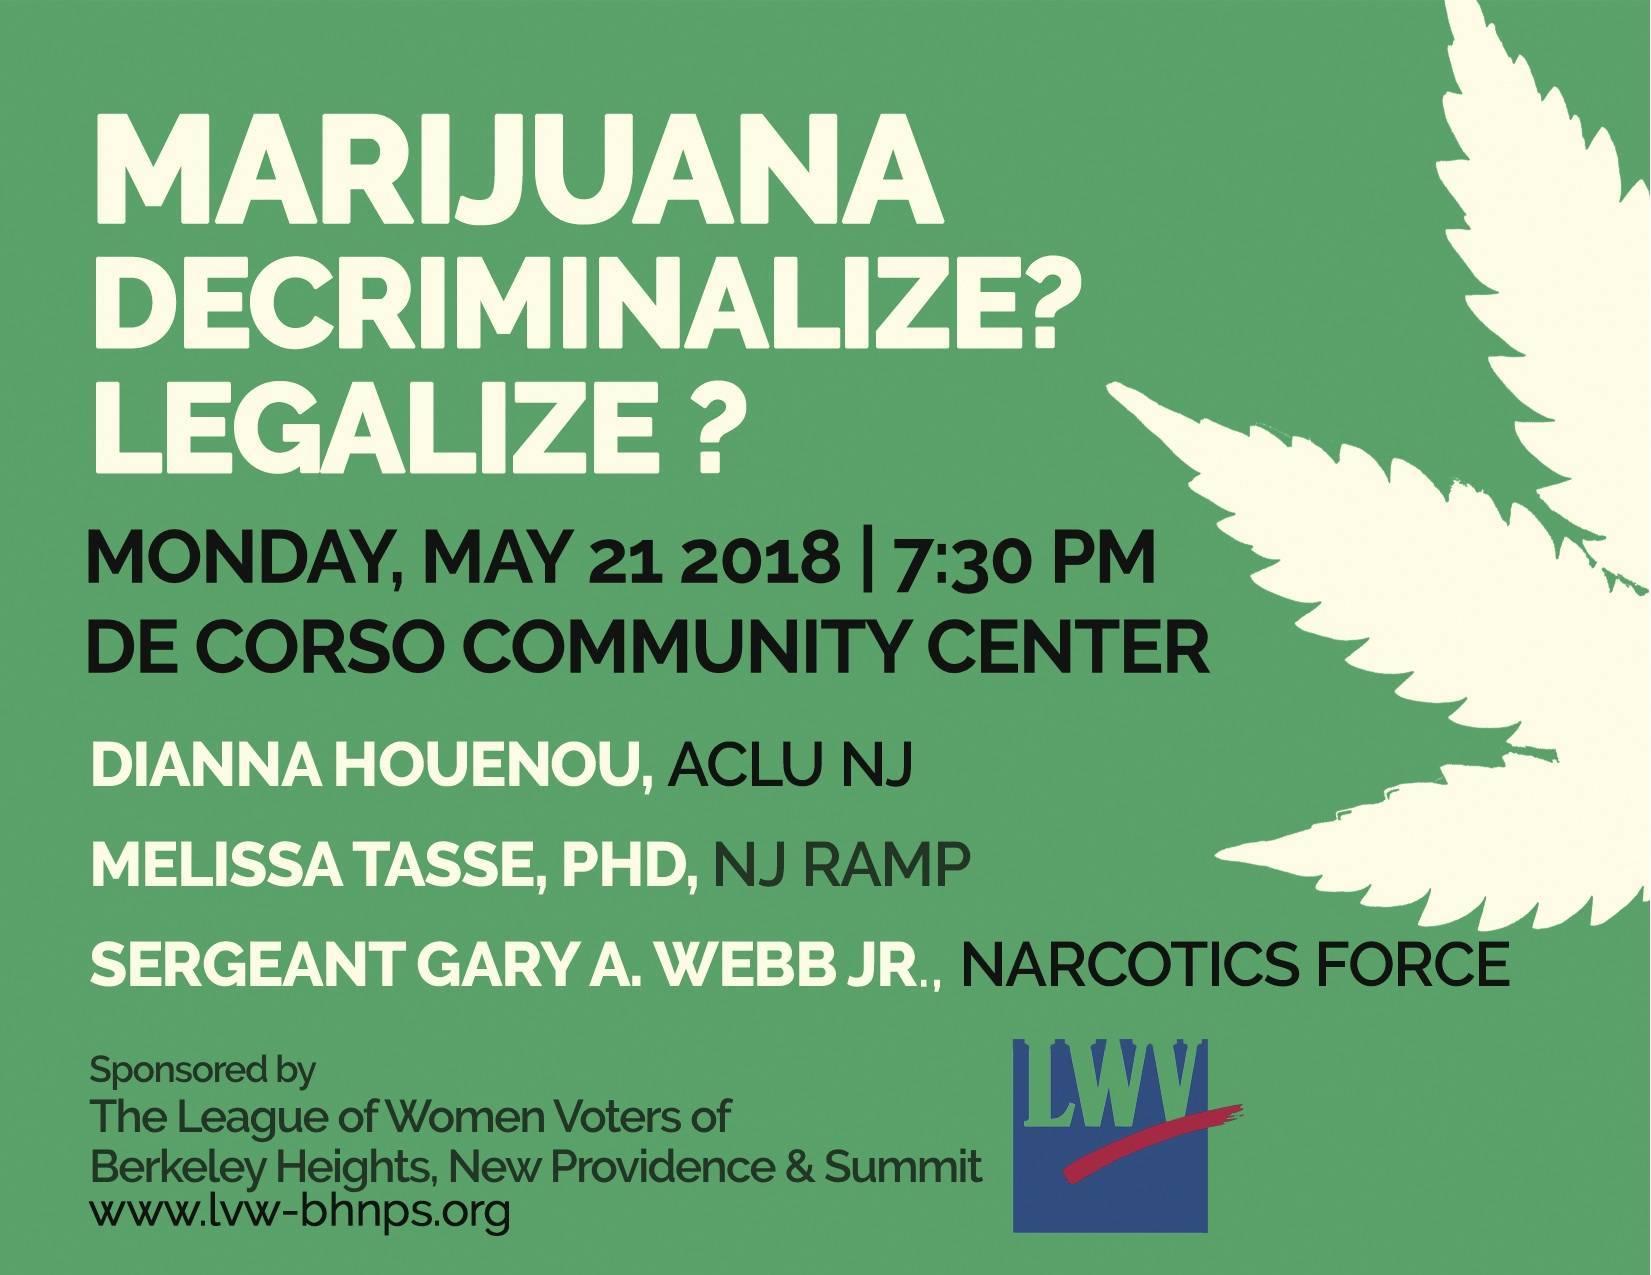 ded4203b9b90d324d631_LWV_PR_2018_marijuana_flyer_for__NPTV.jpg